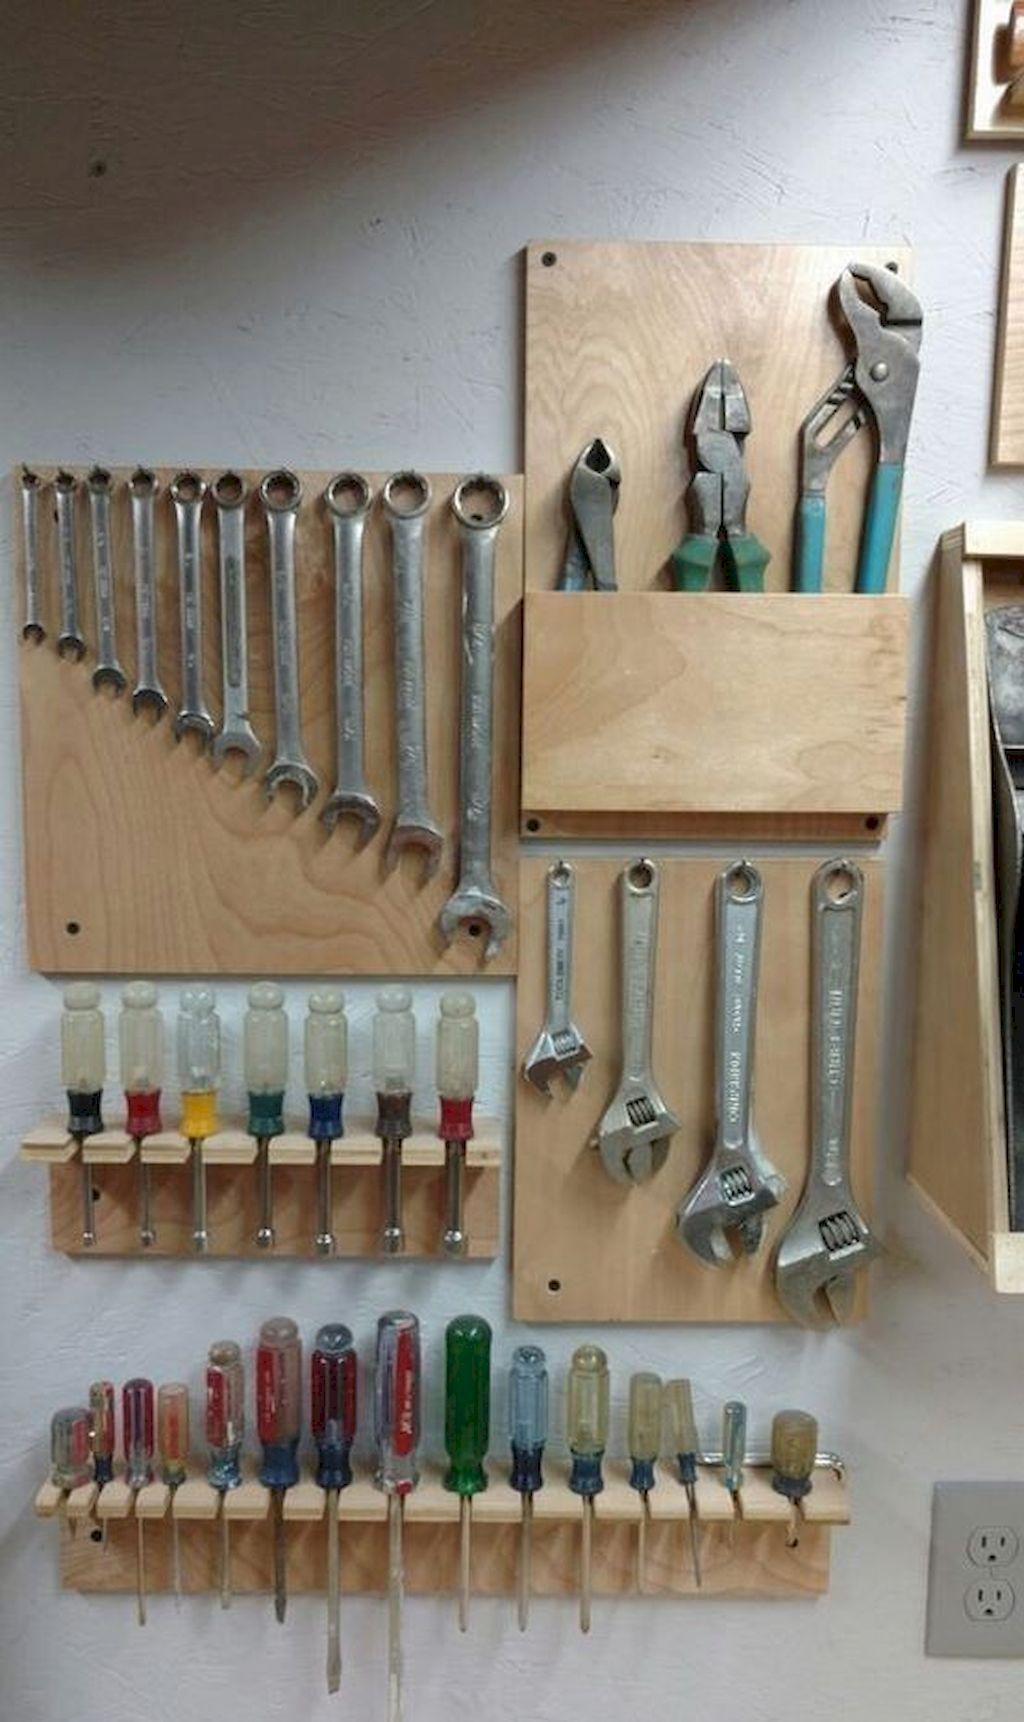 60 Clever Garage Organization Ideas Insidexterior Garage Organization Diy Garage Storage Garage Storage Organization